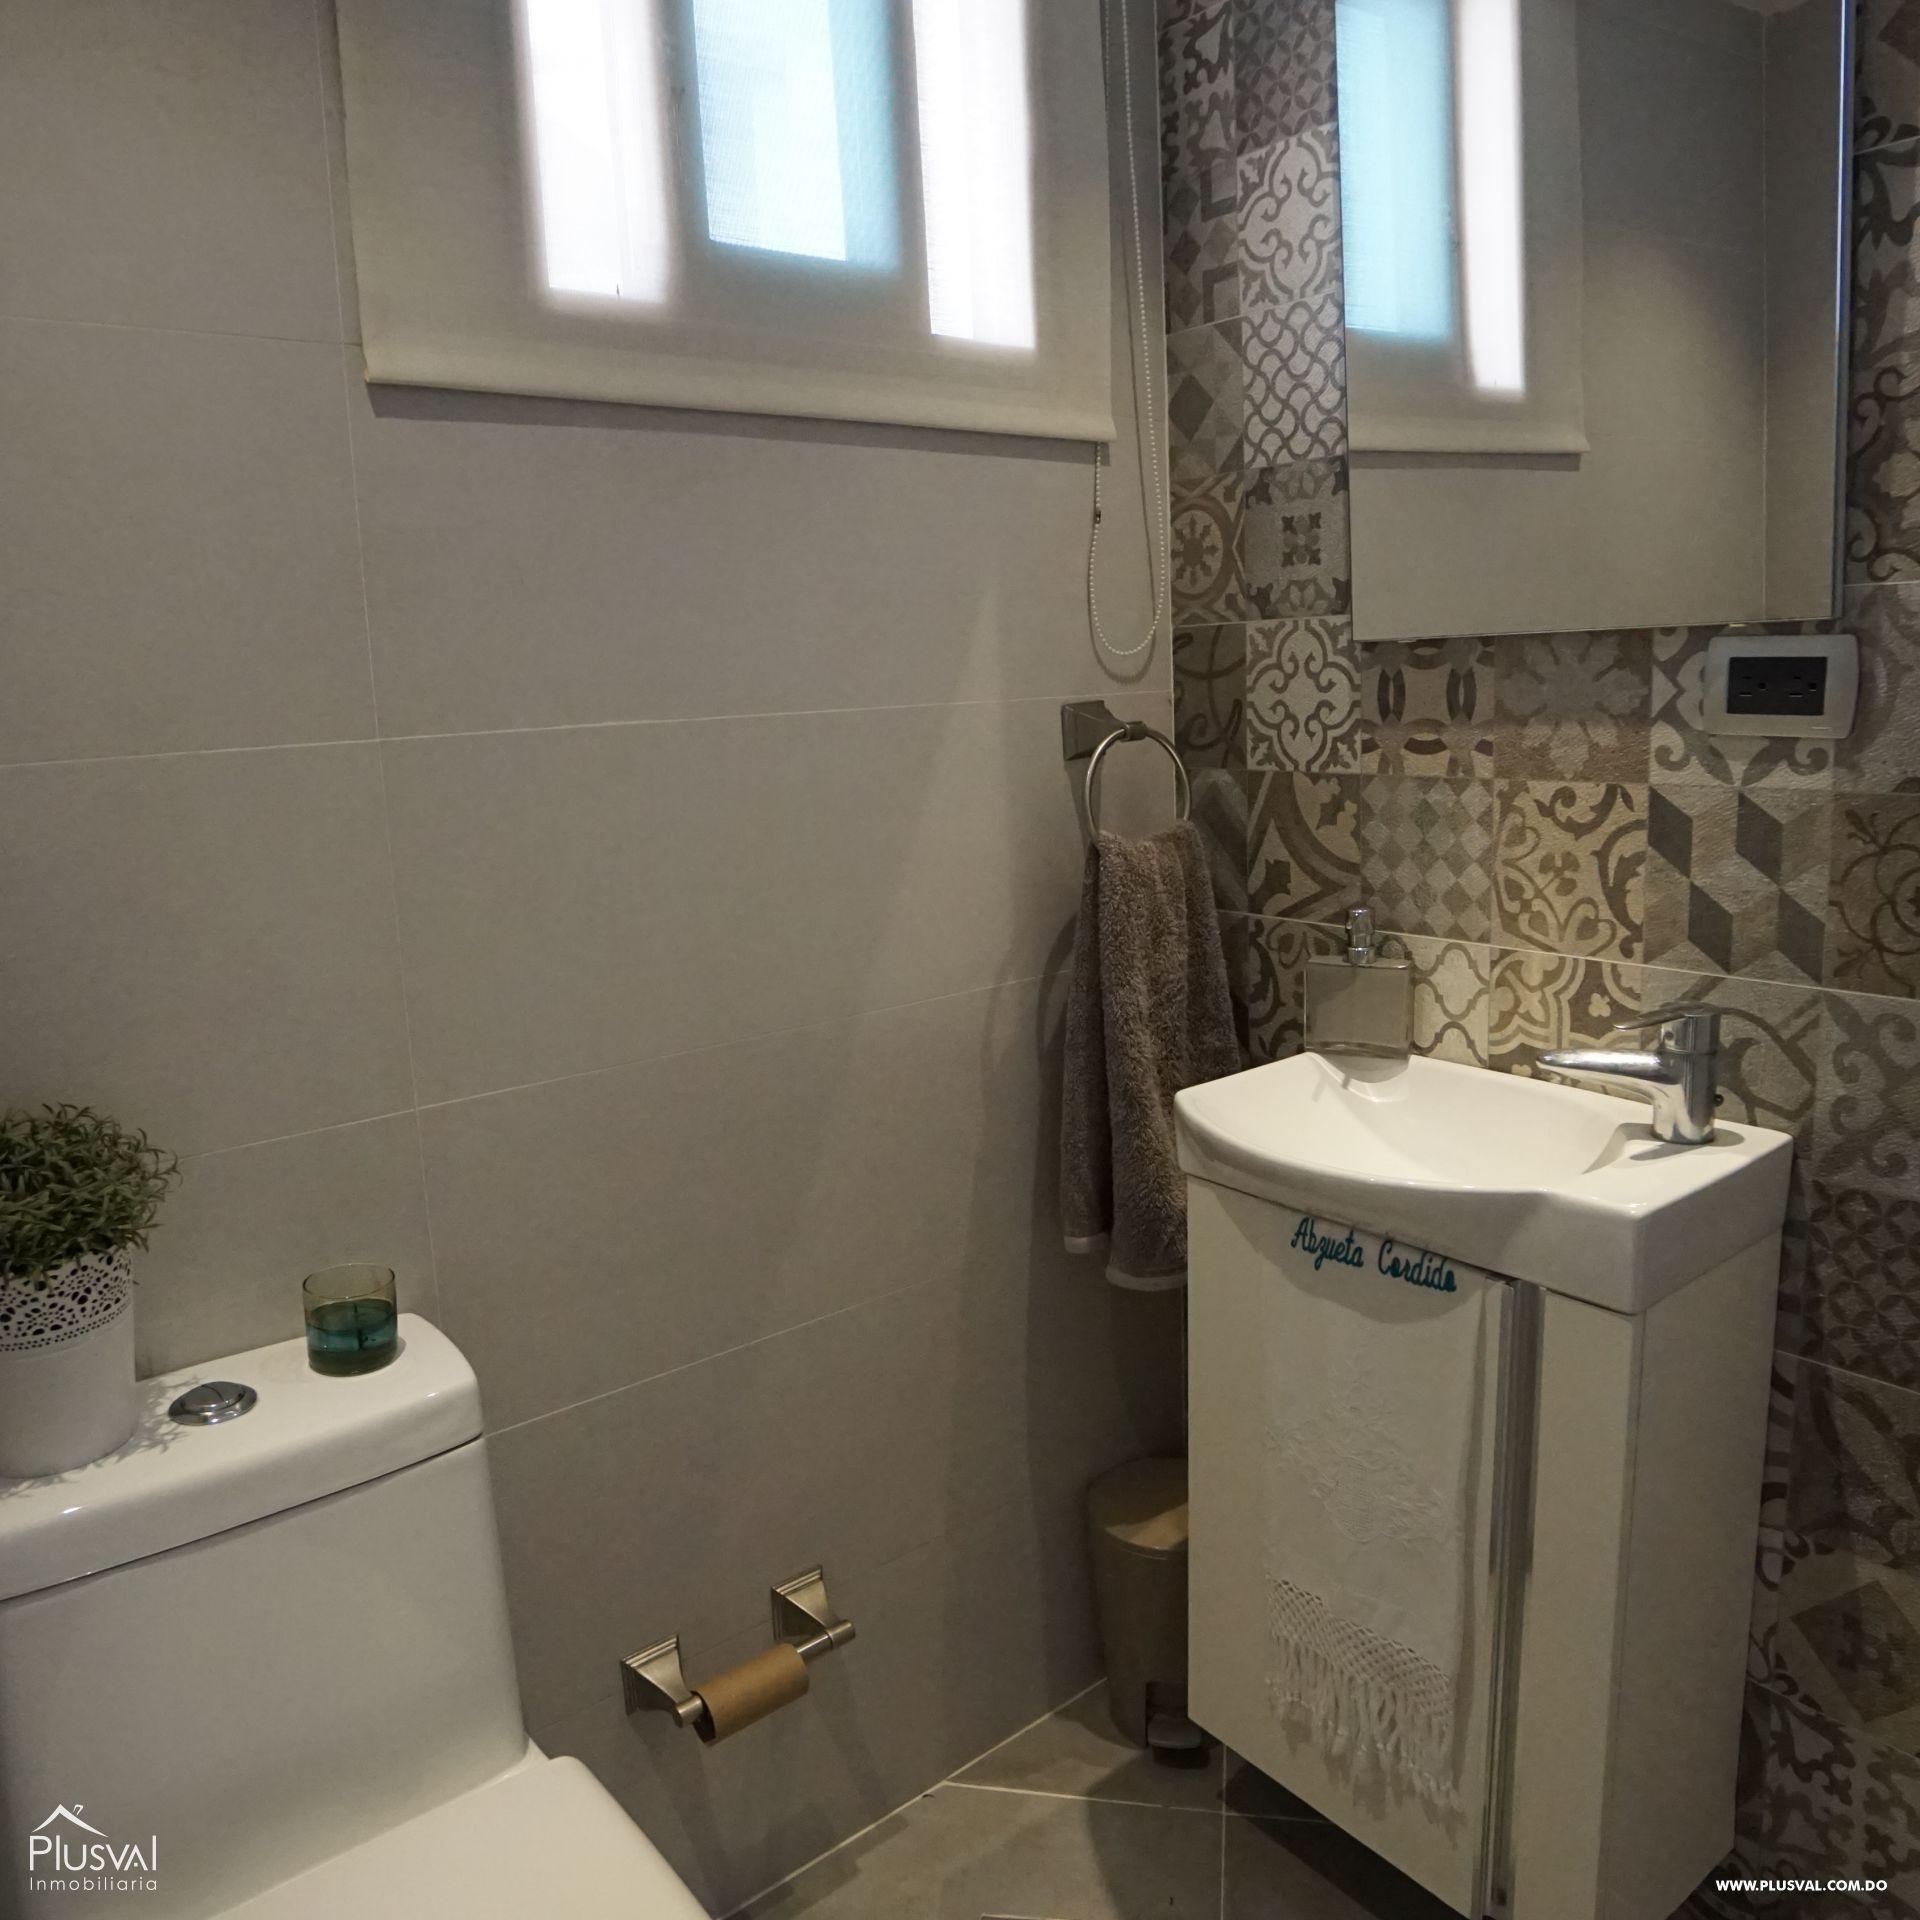 Lujoso apartamento en VENTA en Zona Residencial de NACO 182955